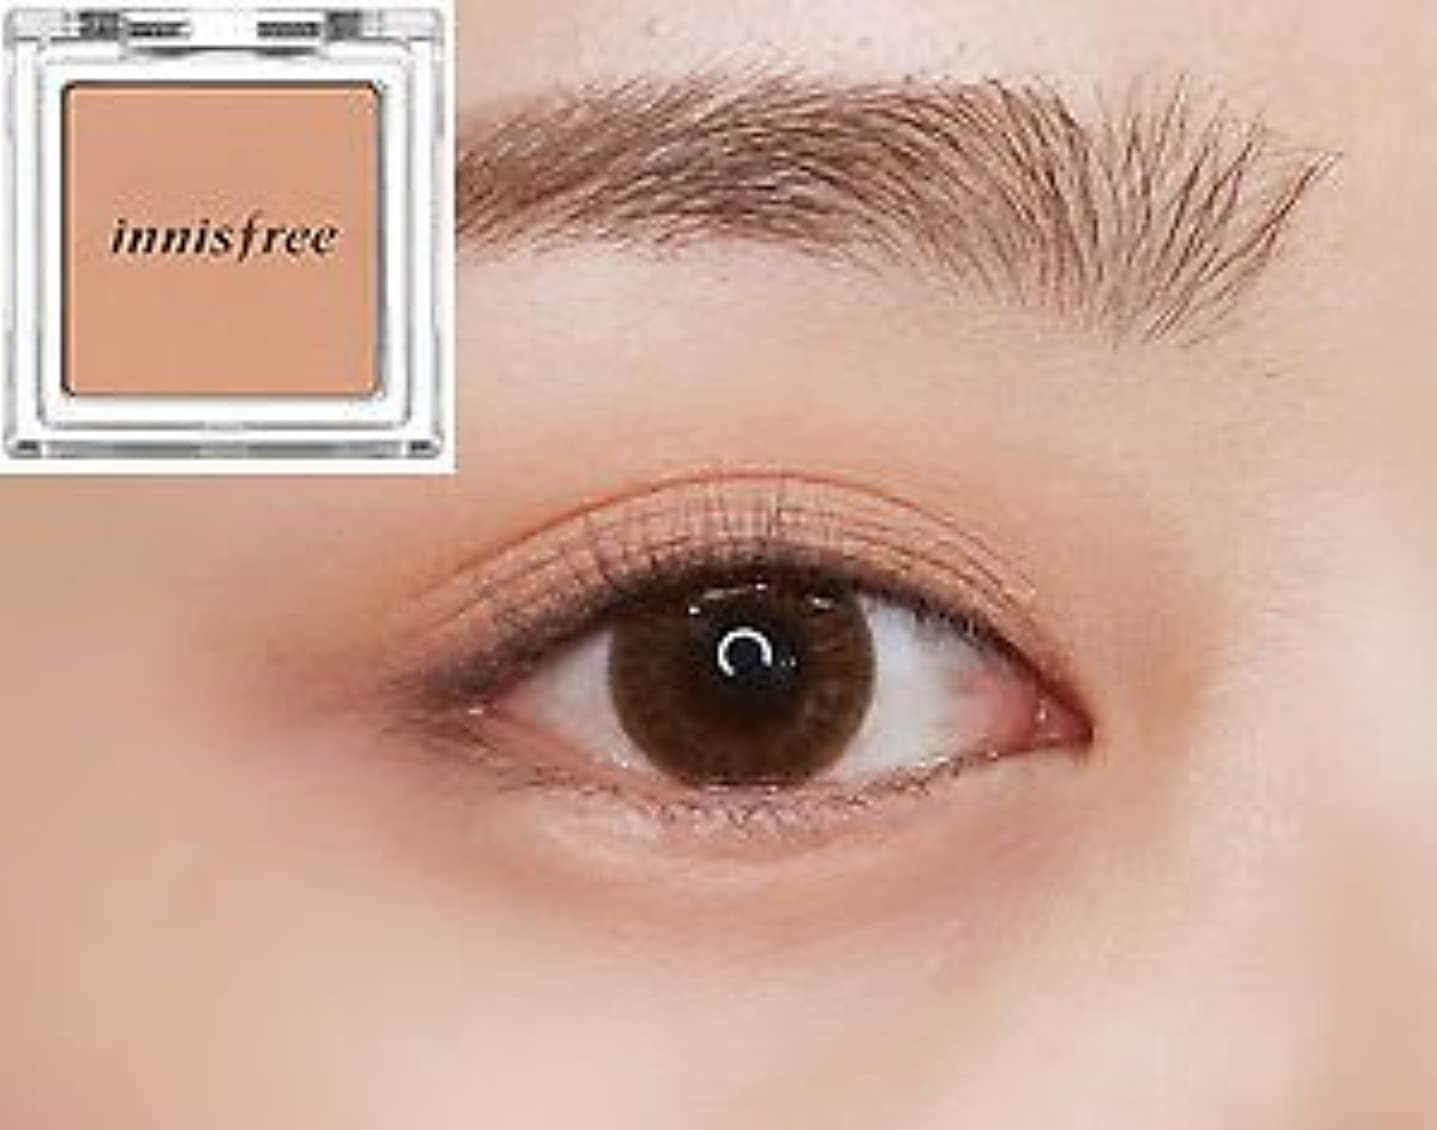 [イニスフリー] innisfree [マイ パレット マイ アイシャドウ (マット) 40カラー] MY PALETTE My Eyeshadow (Matte) 40 Shades [海外直送品] (マット #04)